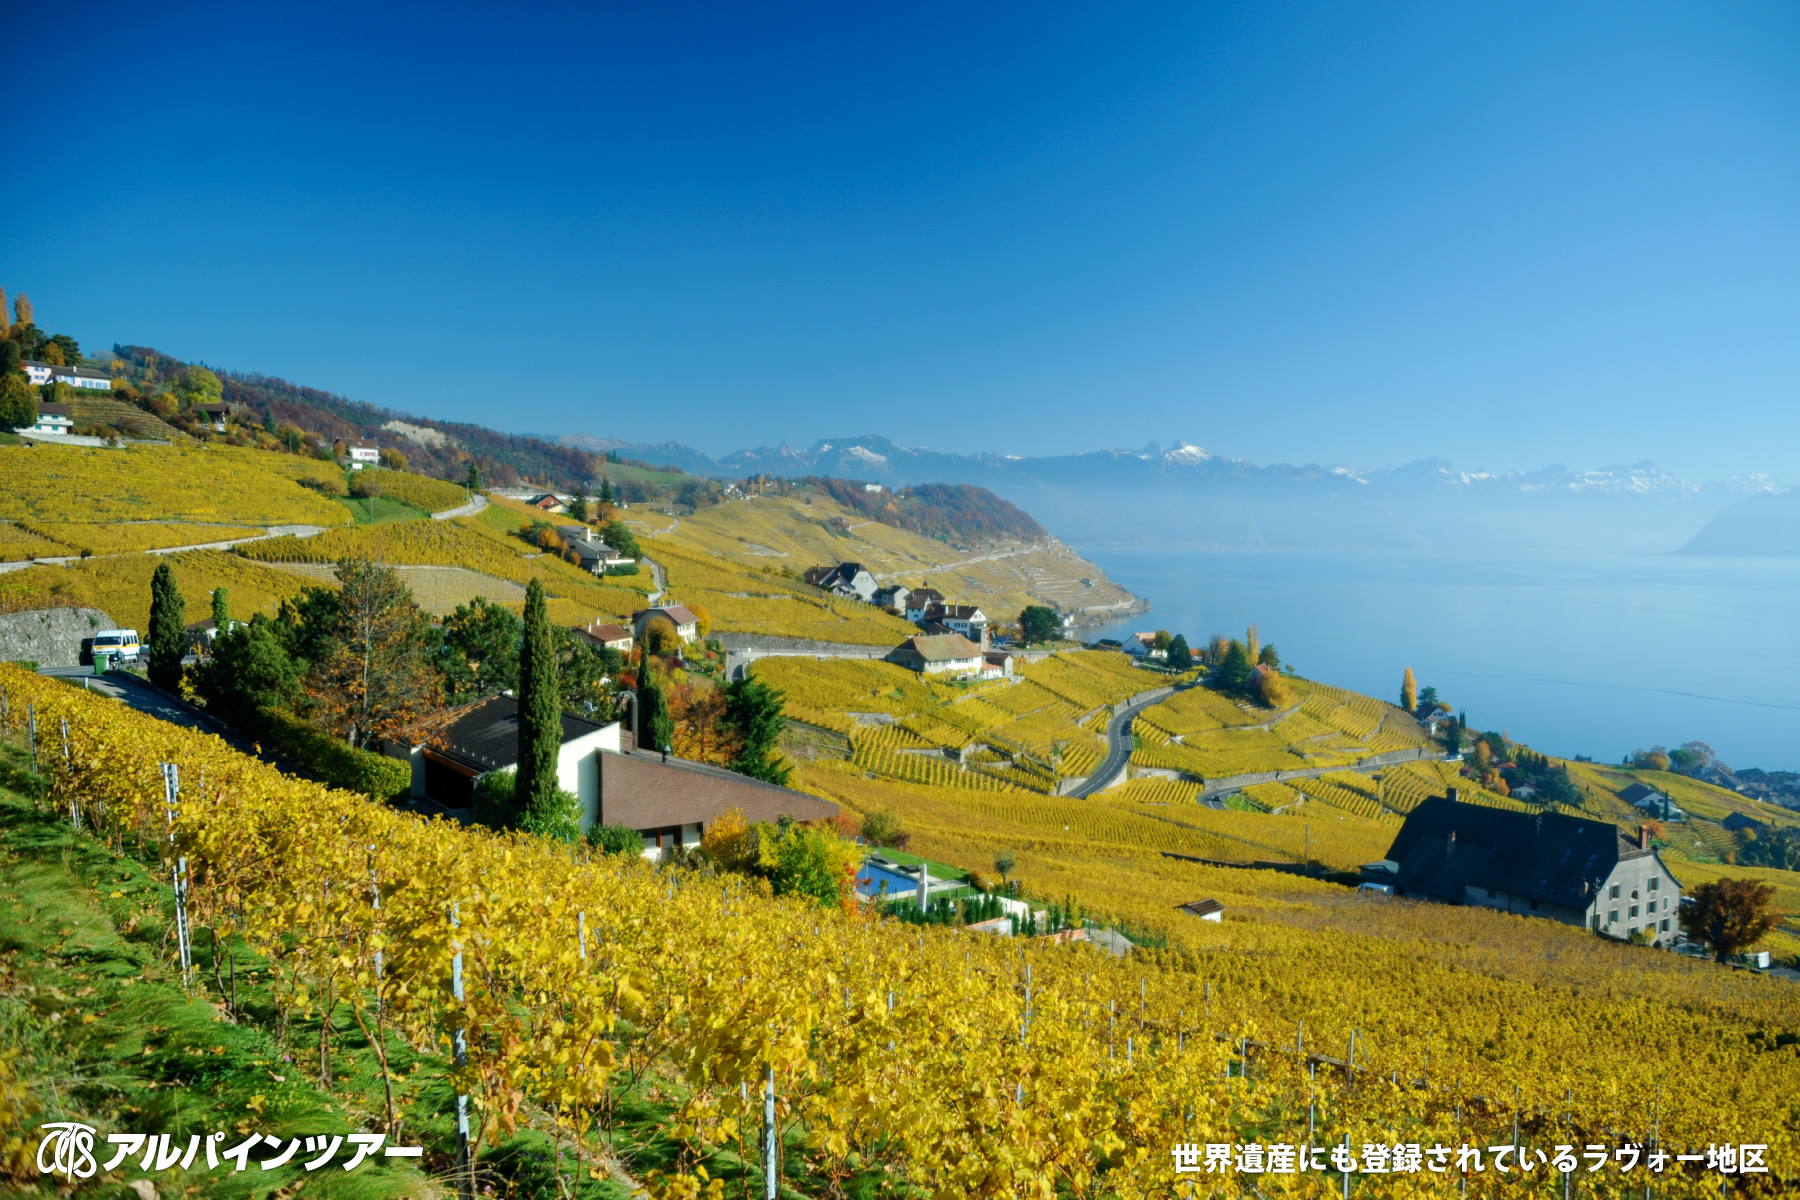 【今日の絶景】 スイス・レマン湖地方の世界遺産ラヴォー地区